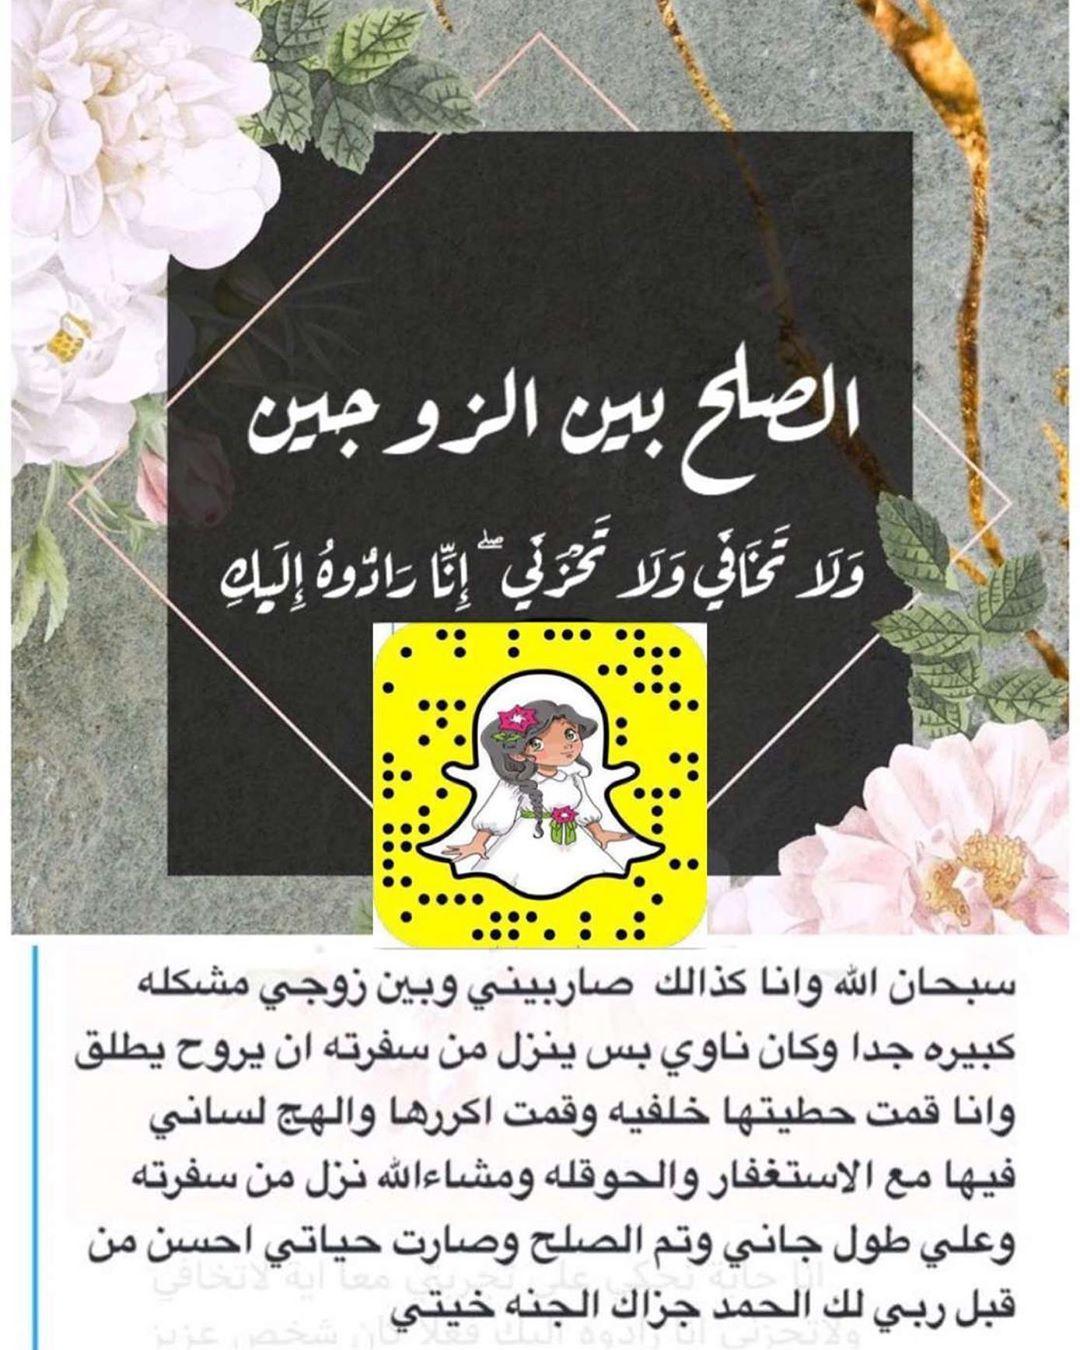 نحو الإيجابية نمضي On Instagram الصلح بين الزوجين المتزوجين Aigabih Entryway Decor Quran Quotes Book Cover